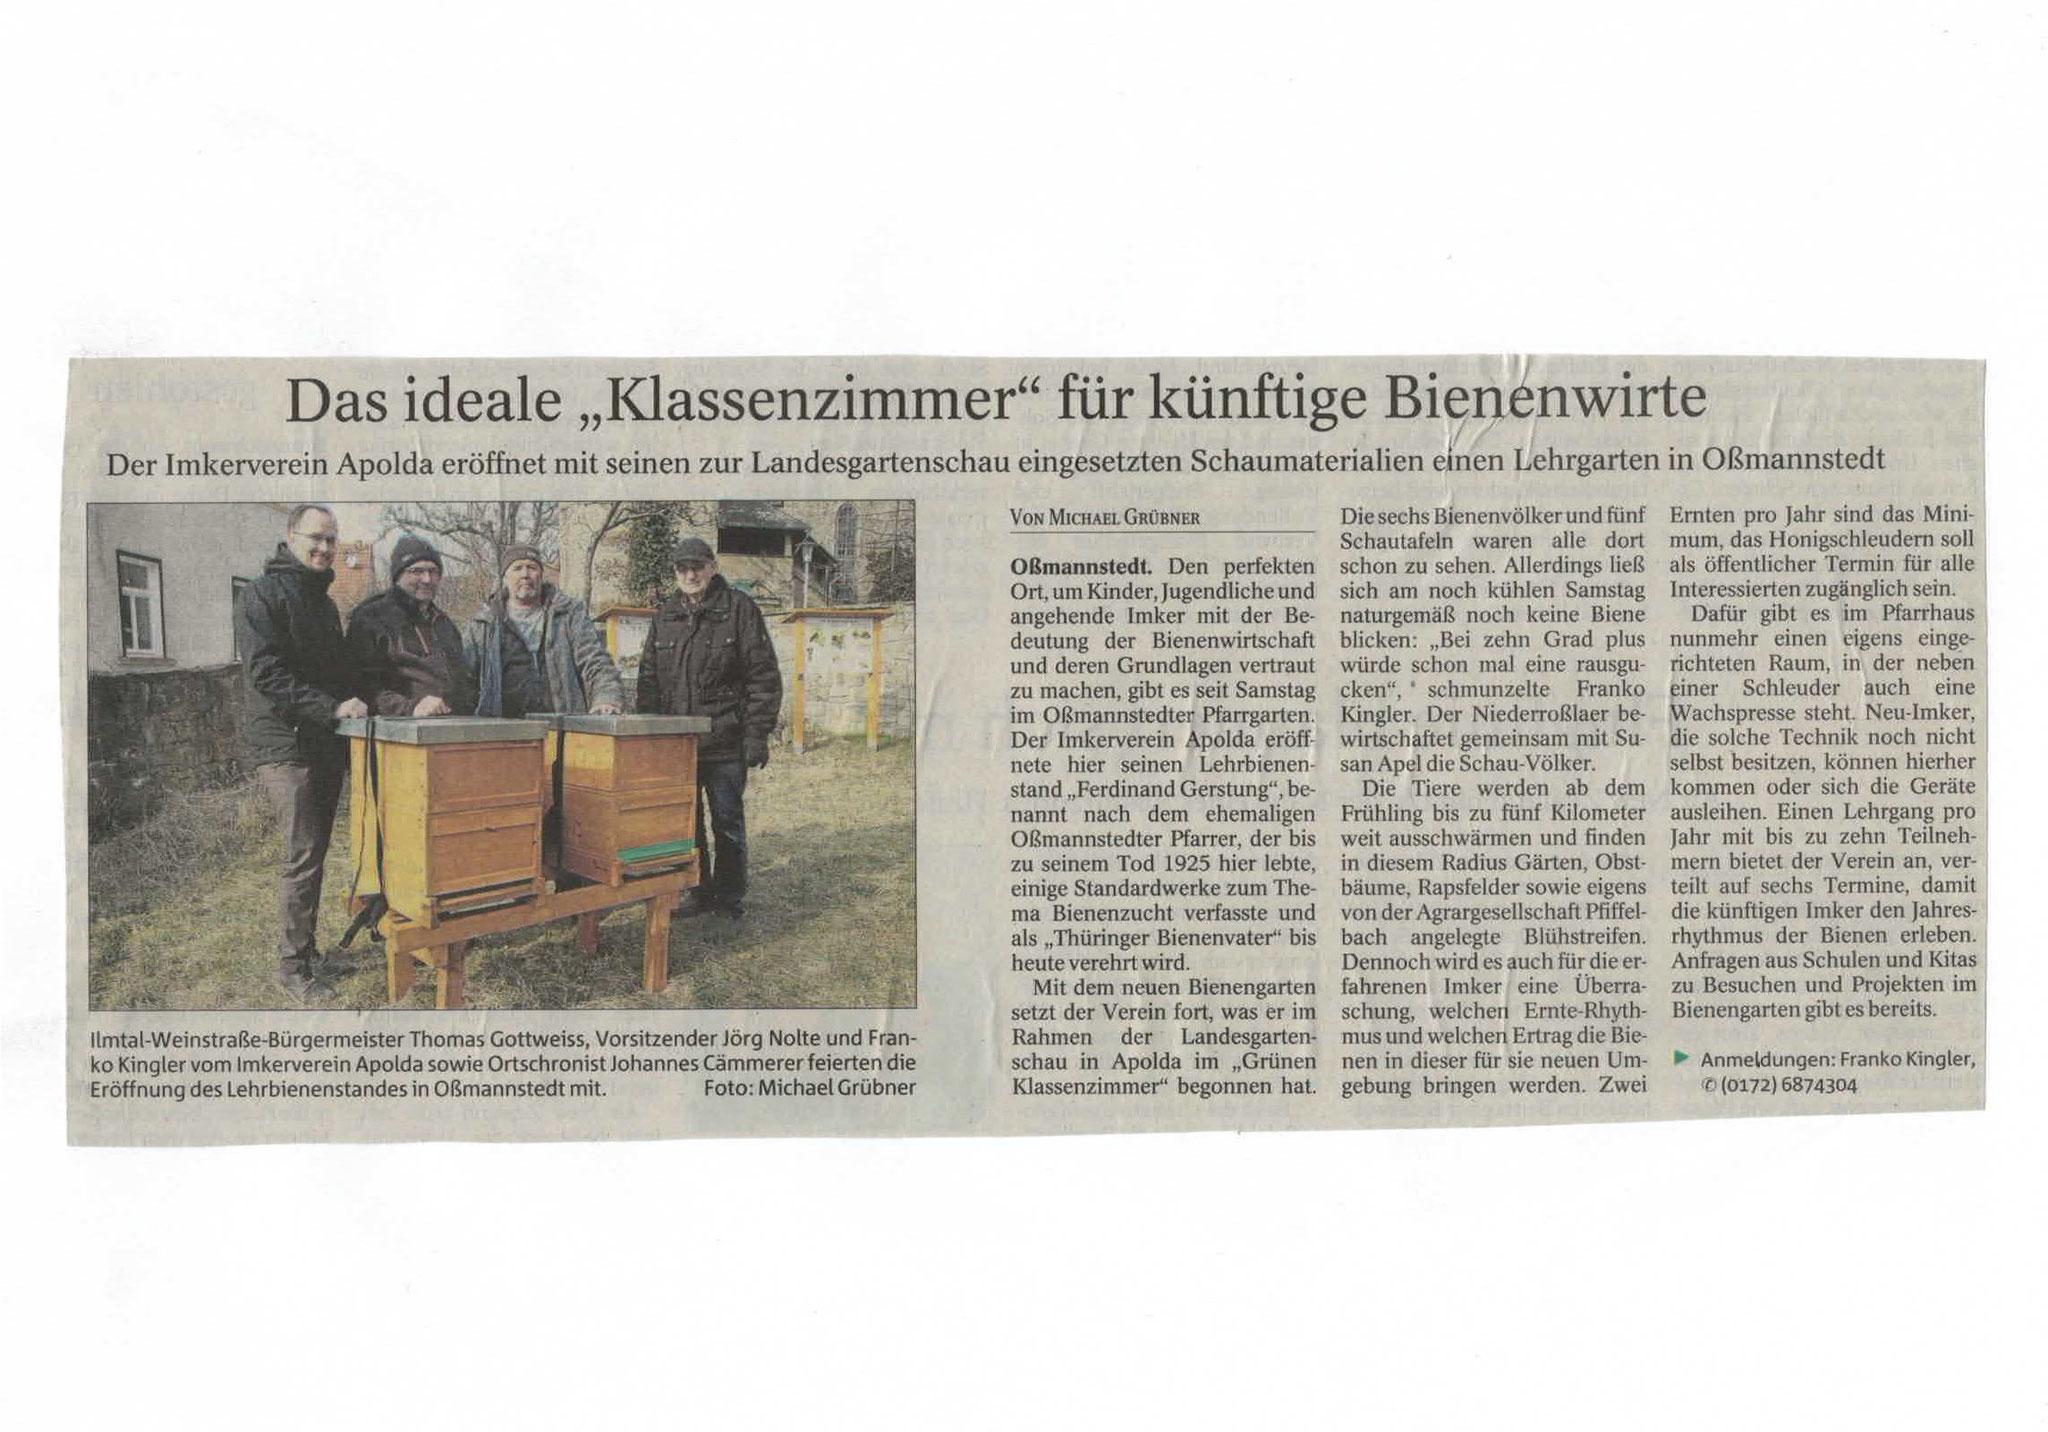 Quelle: Thüringer Allgemeine